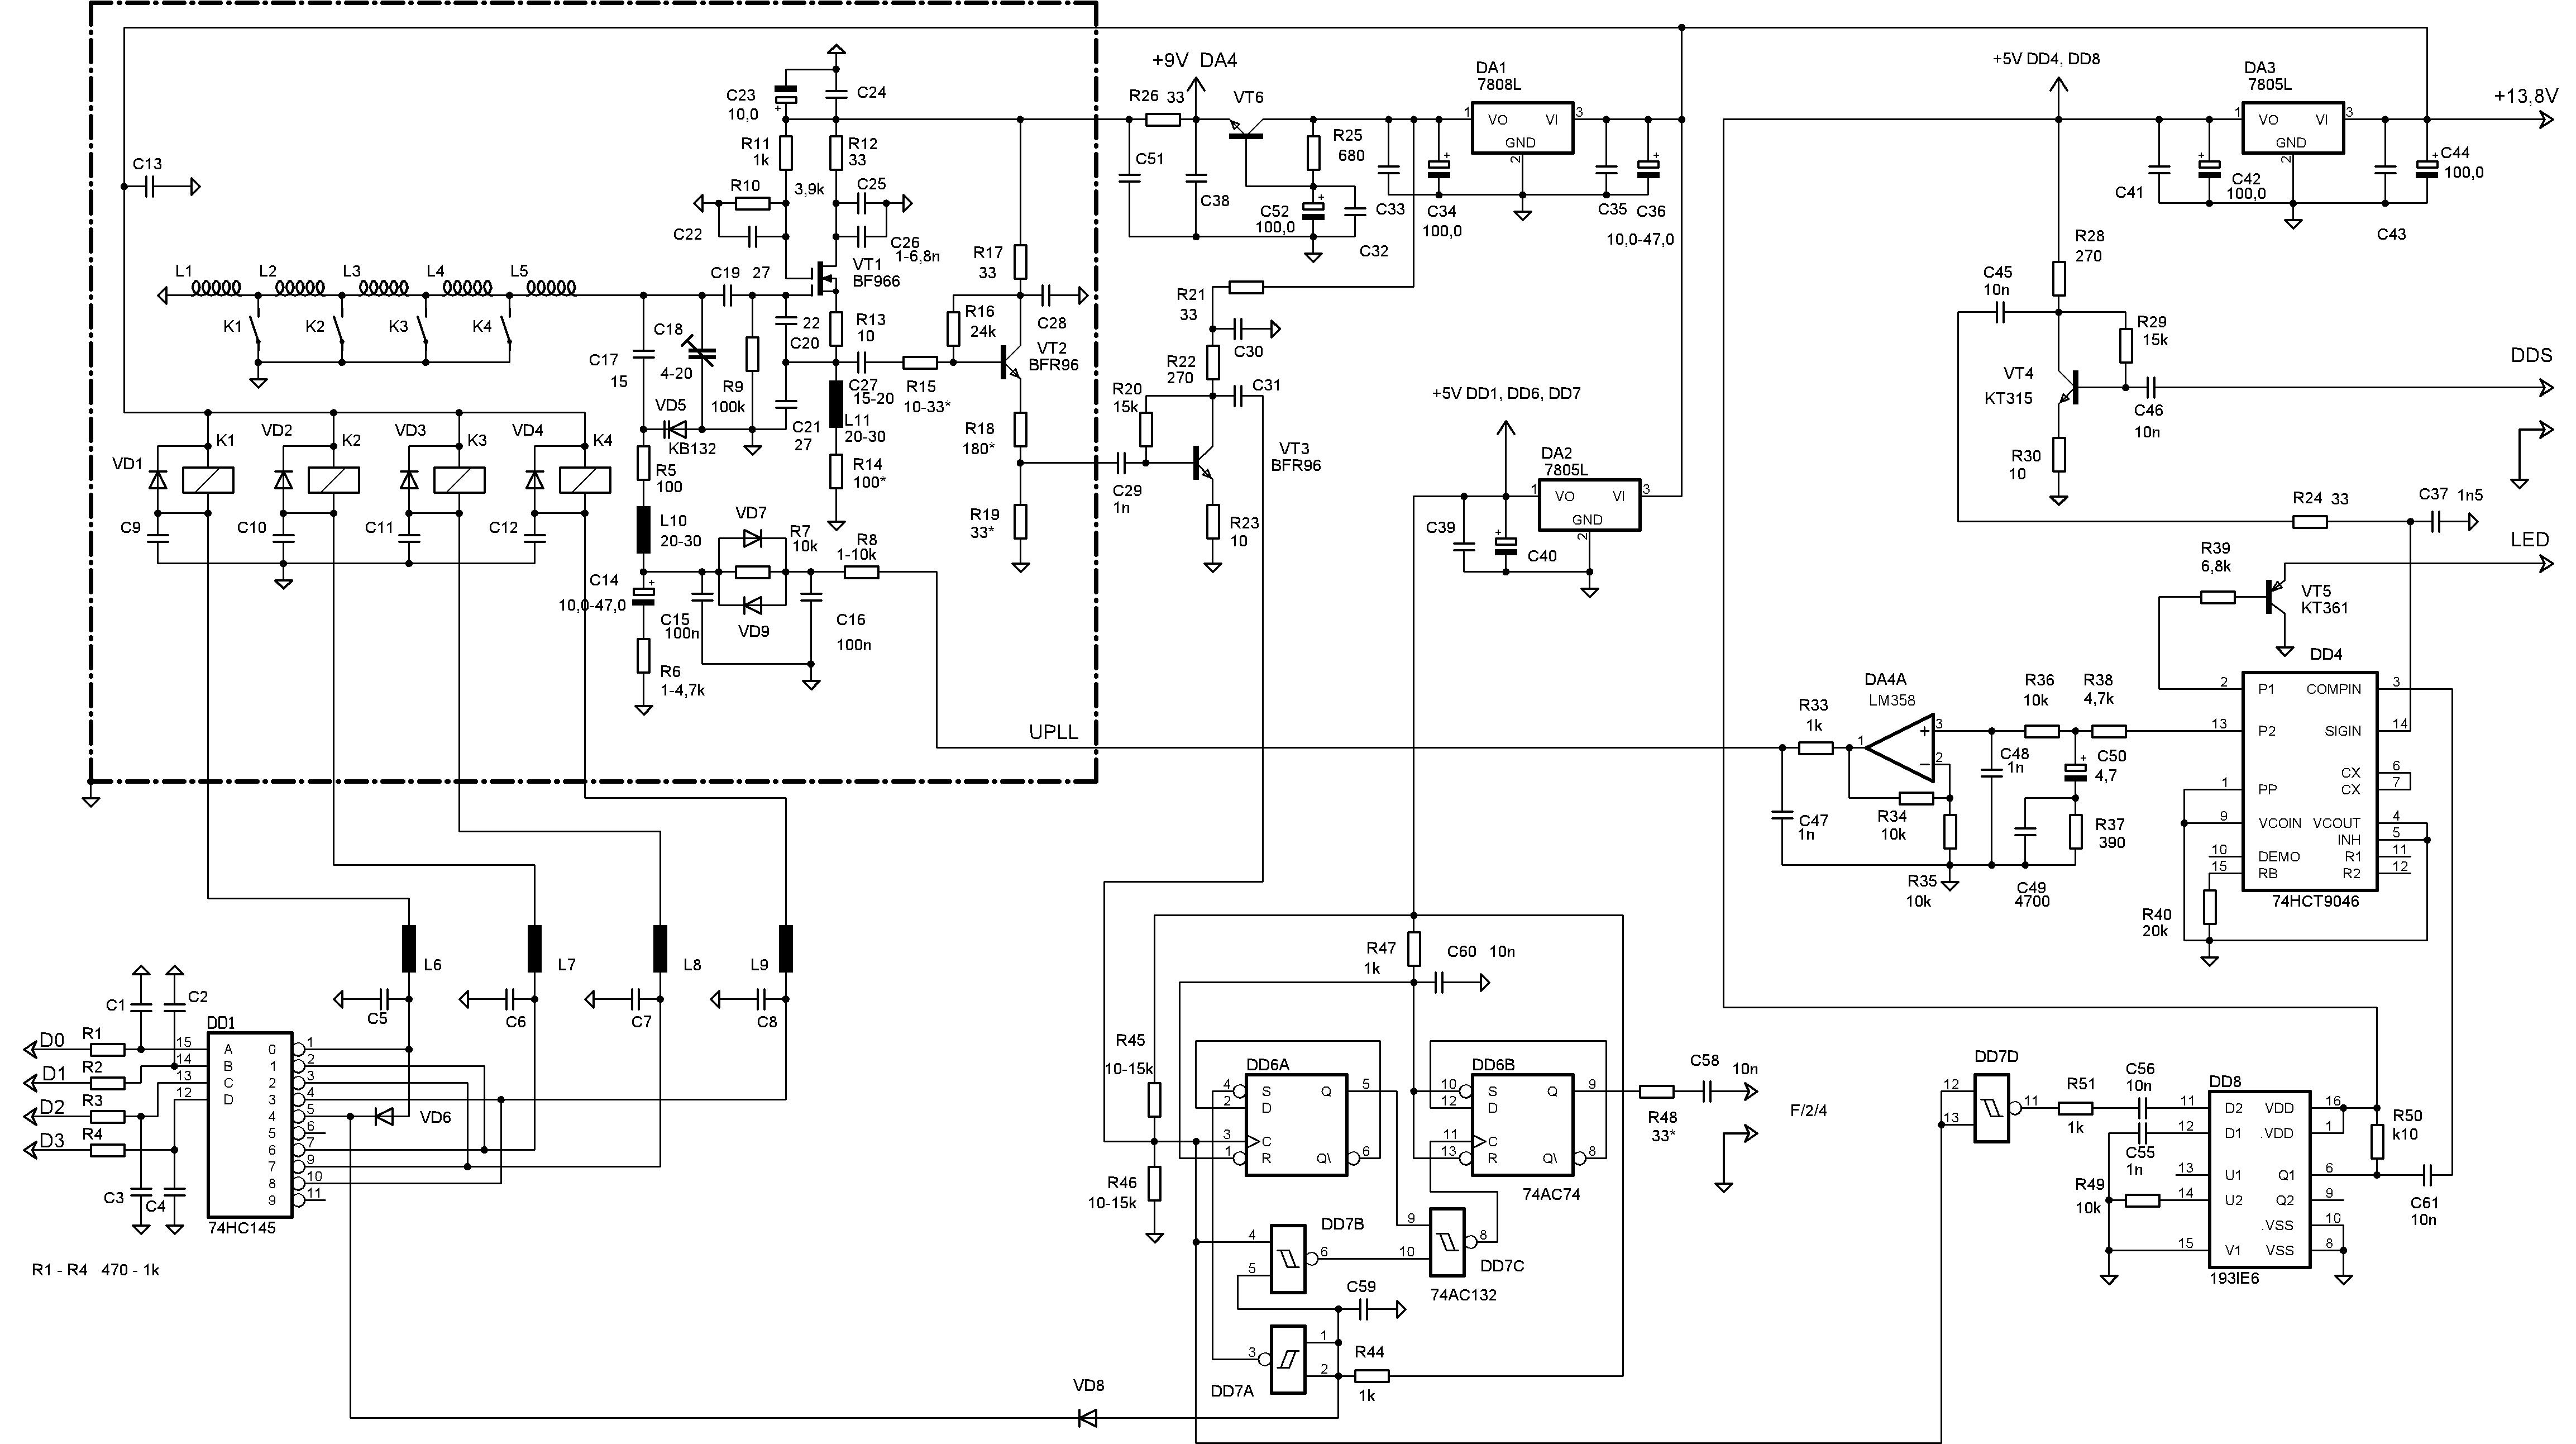 генератор 20 килогерц схема